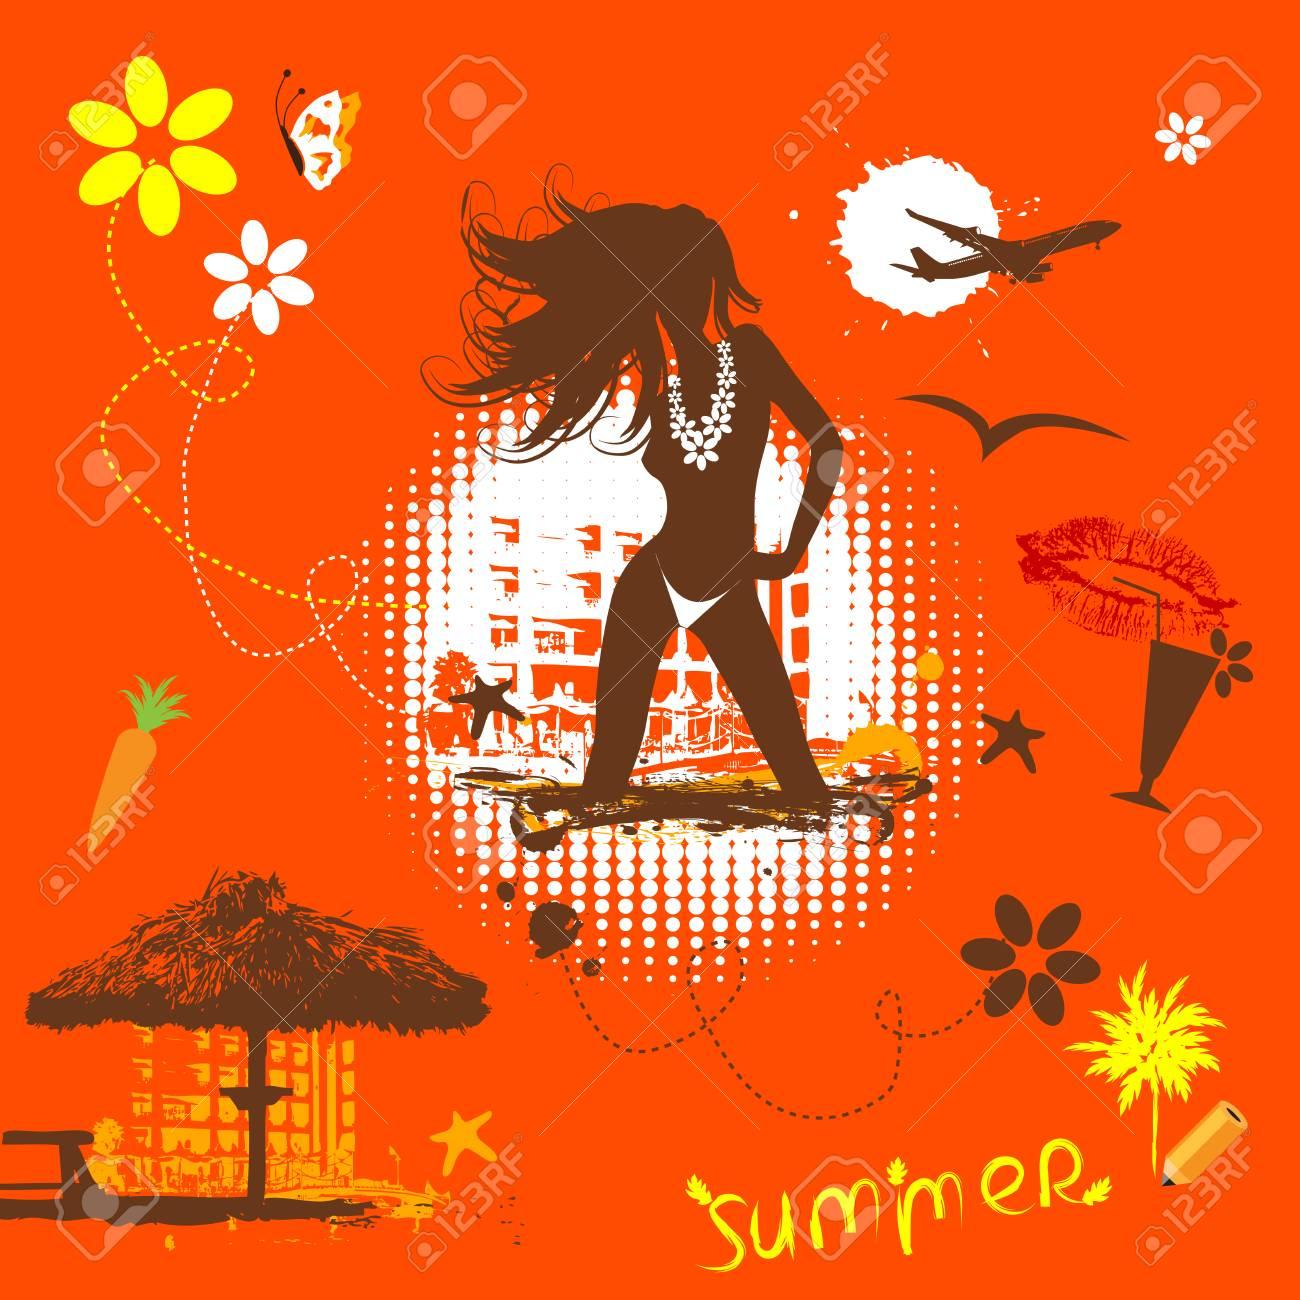 Summer vacations dream Stock Vector - 4837458